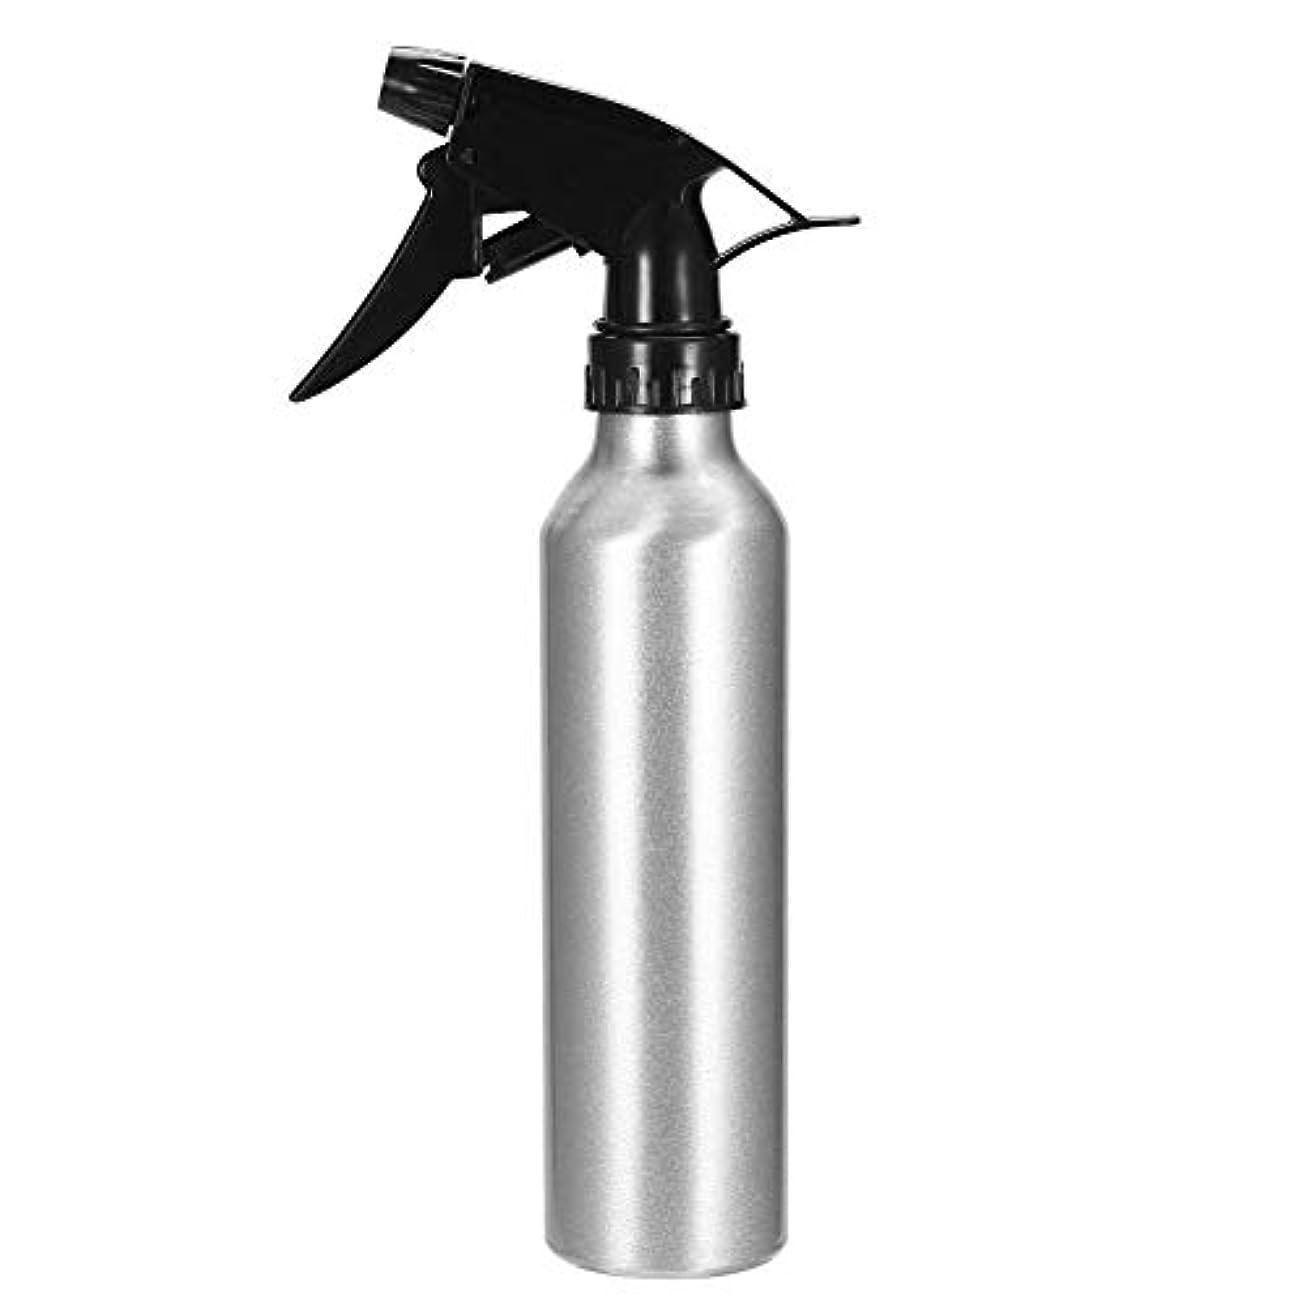 スピーカー抑止する暴動Pichidr-JP アルミスプレーボトルシルバートリガーエンプティタトゥーエッセンシャルオイルスプレー用サロン理容美容院植物クリーニング